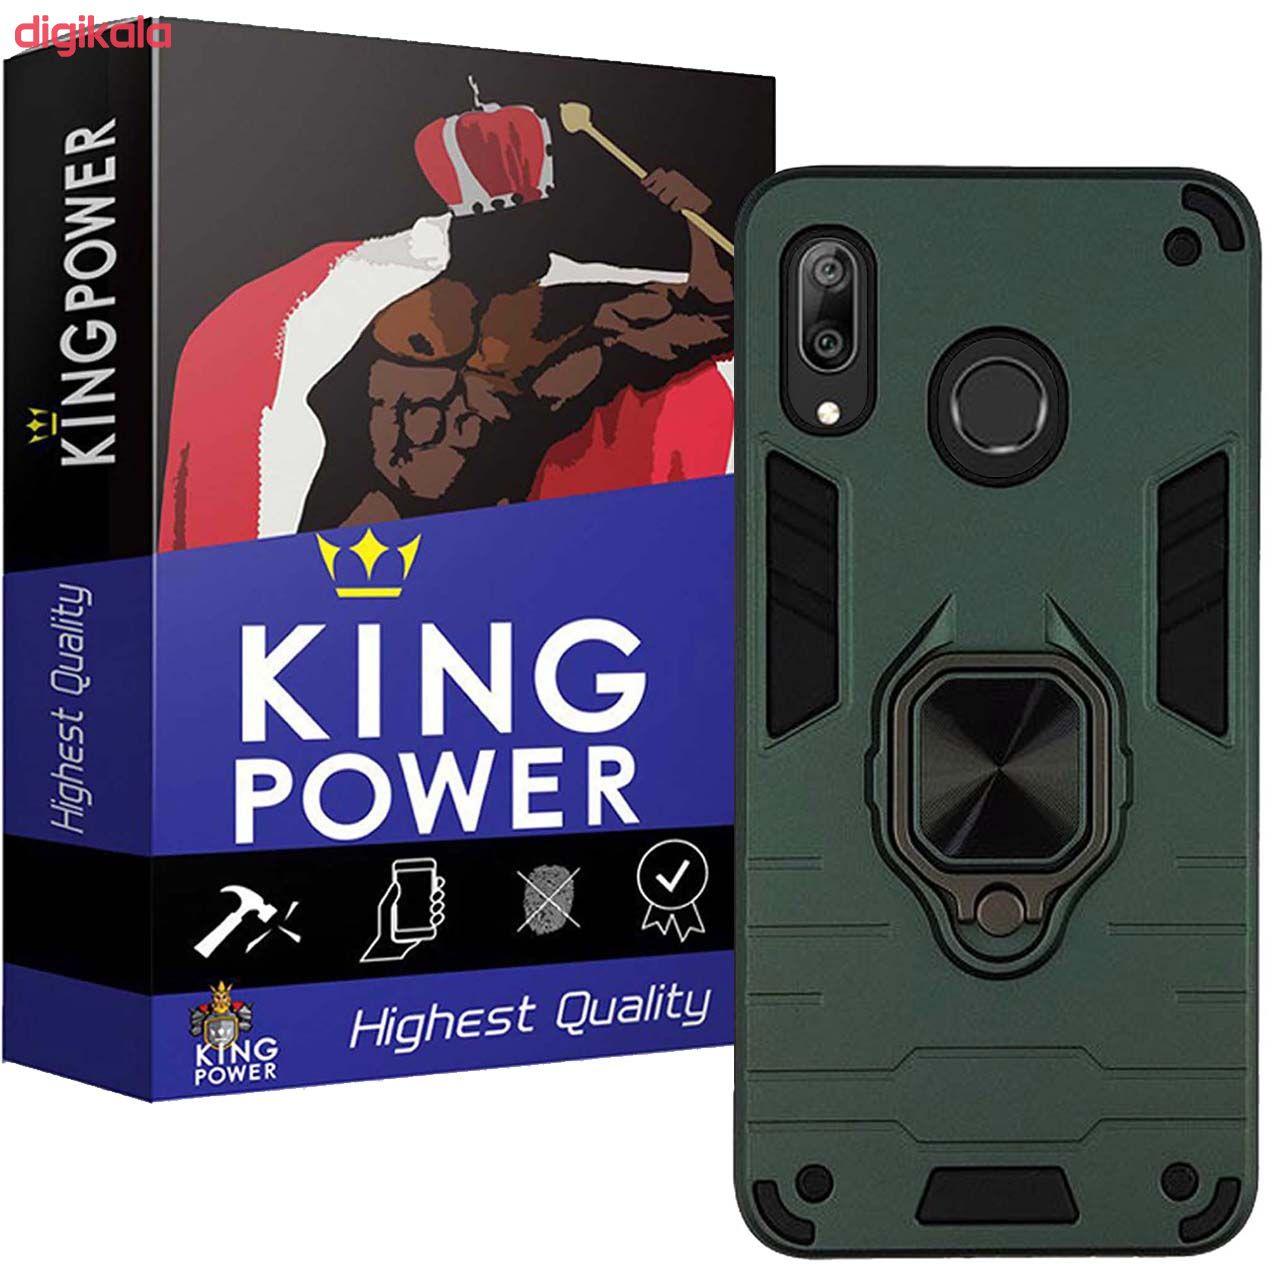 کاور کینگ پاور مدل ASH22 مناسب برای گوشی موبایل هوآوی Y7 Prime 2019 main 1 1